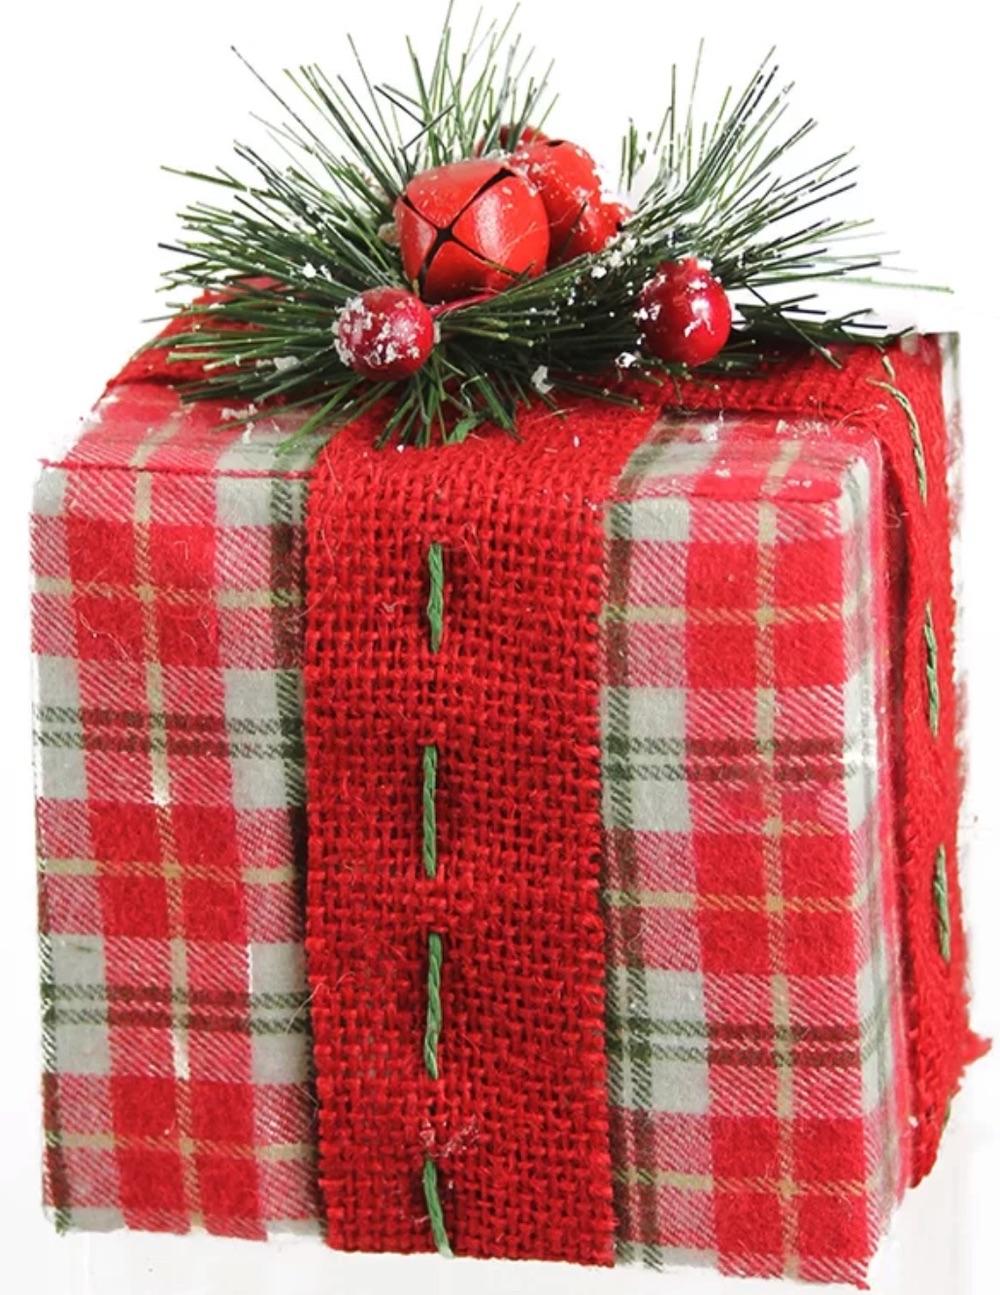 Holiday Decor Plaid Gift Box with Pine Bow Table Top #Decor #ChristmasDecor #AffordableChristmasDecor #Christmas #ChristmasAccents #AffordableDecor